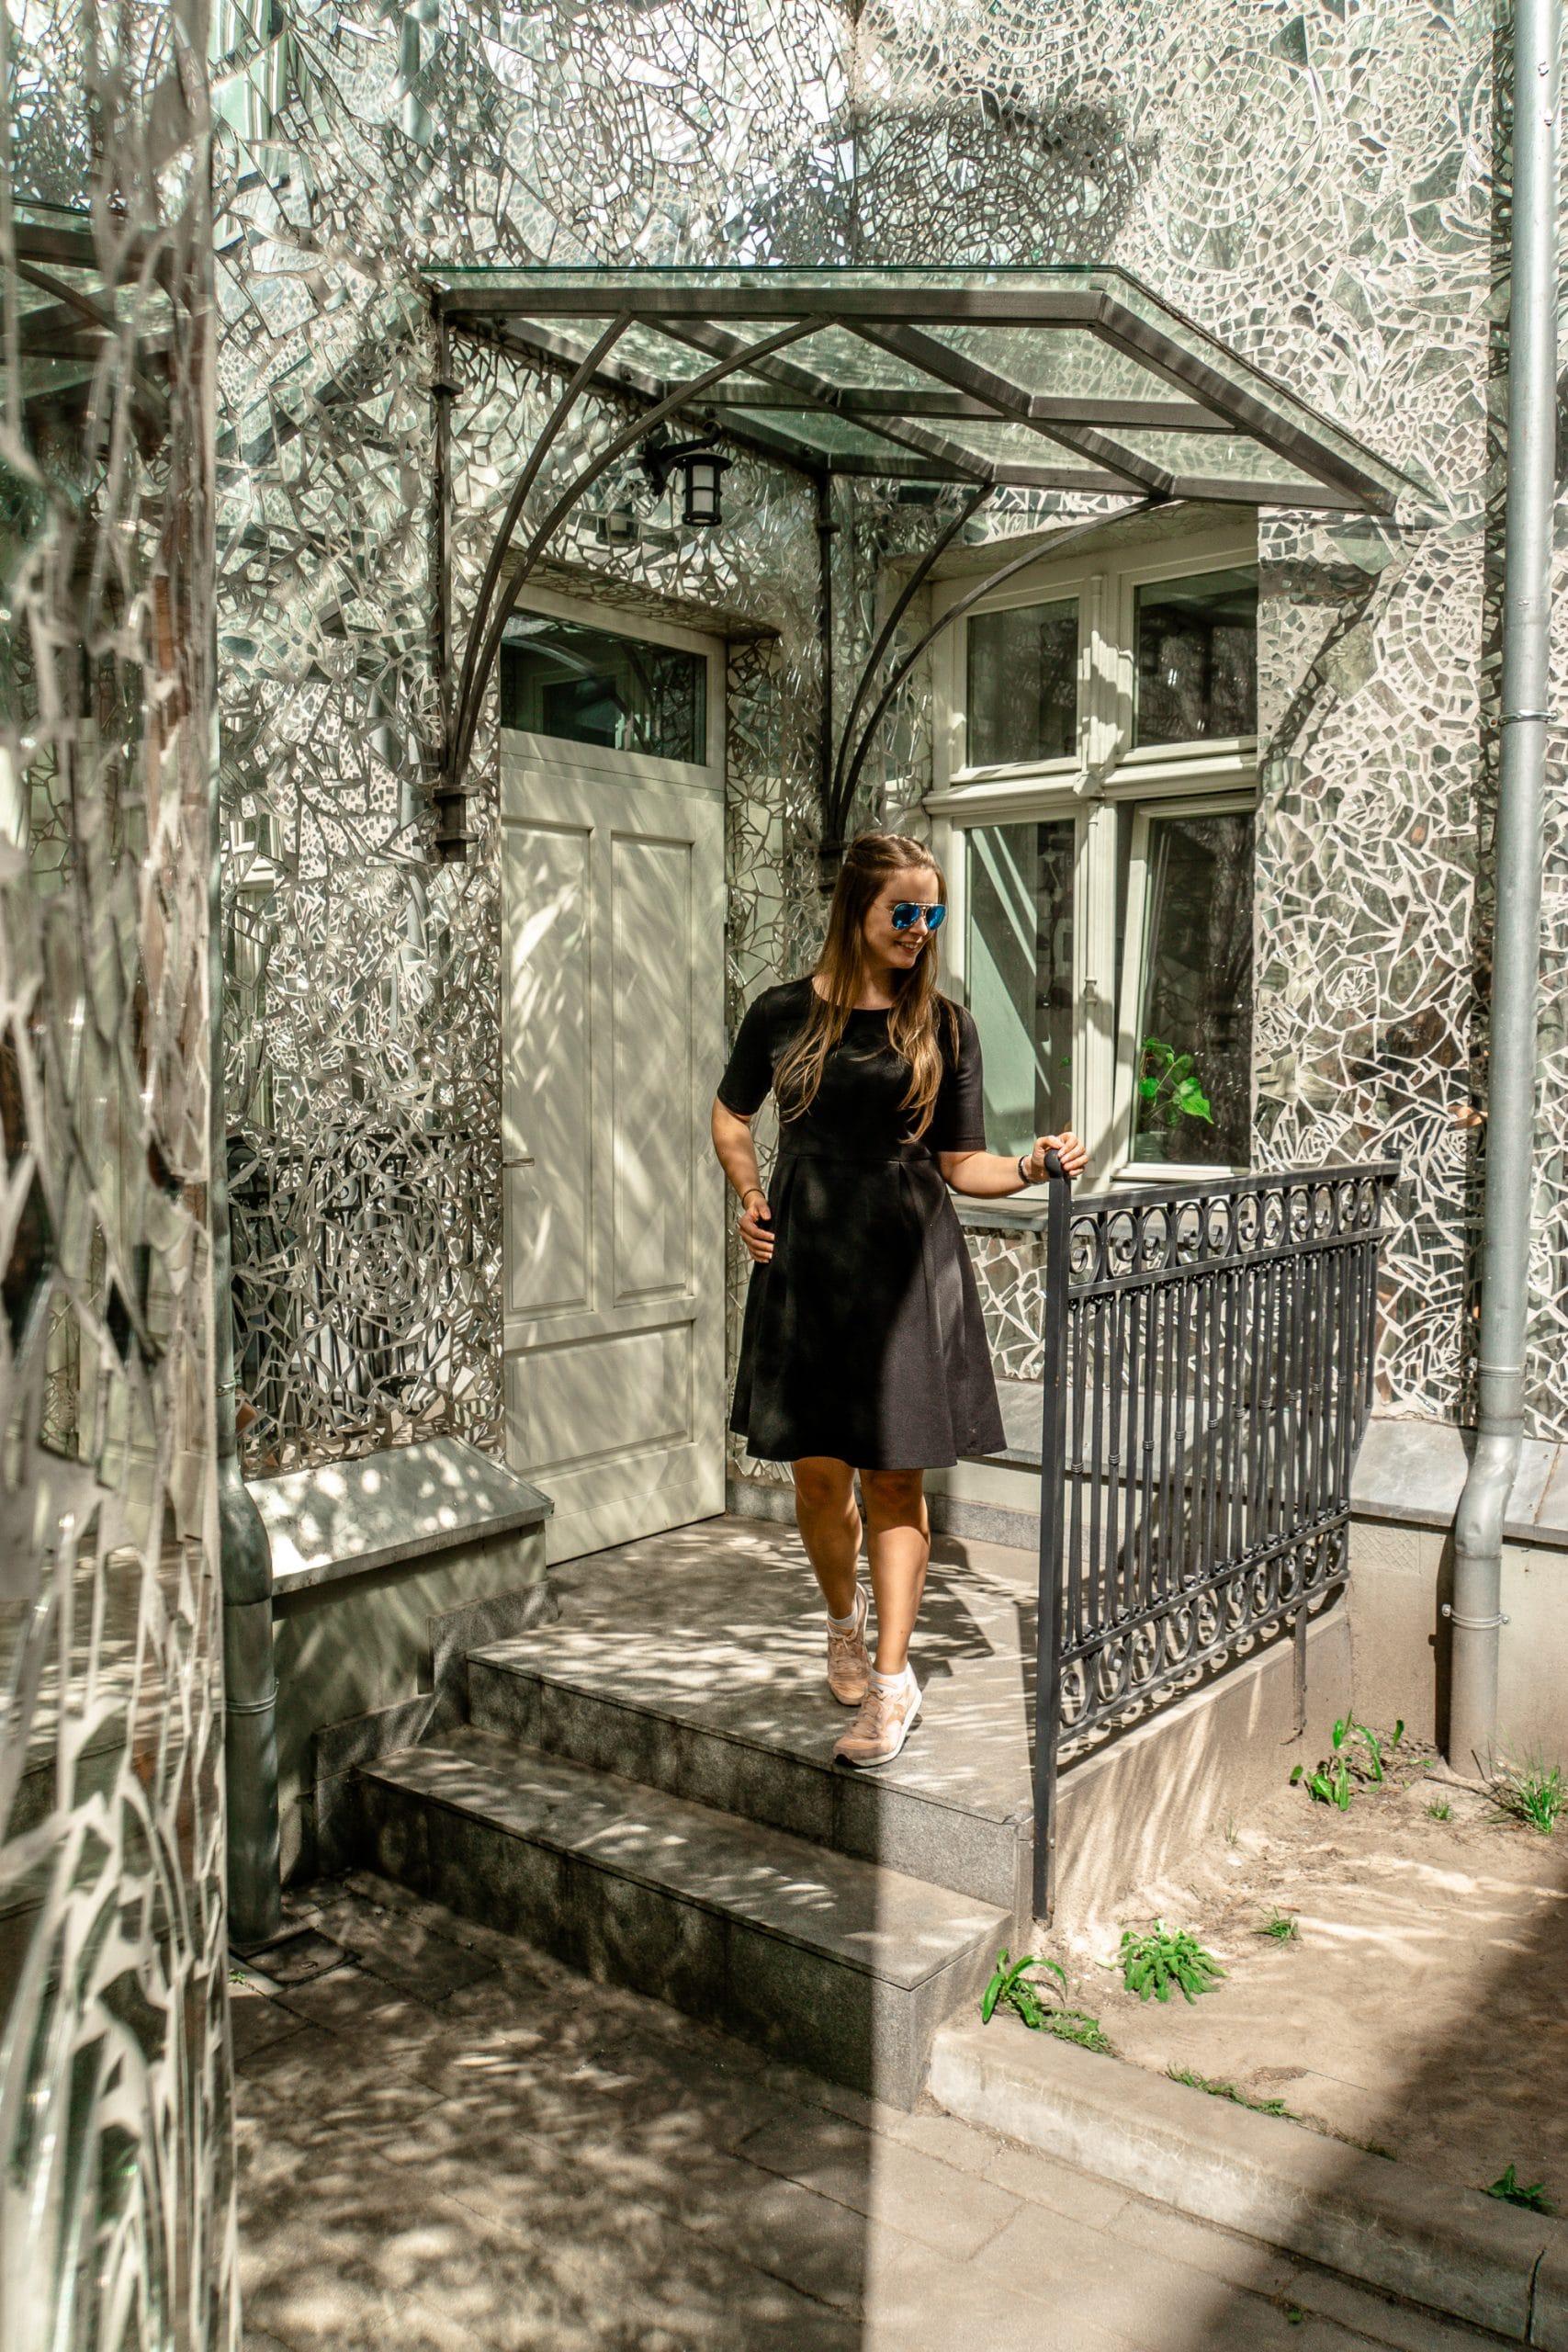 Lodz Top Ten Sehenswürdigkeiten - Highlights für euren Städtetrip in Polen - Roses Passage